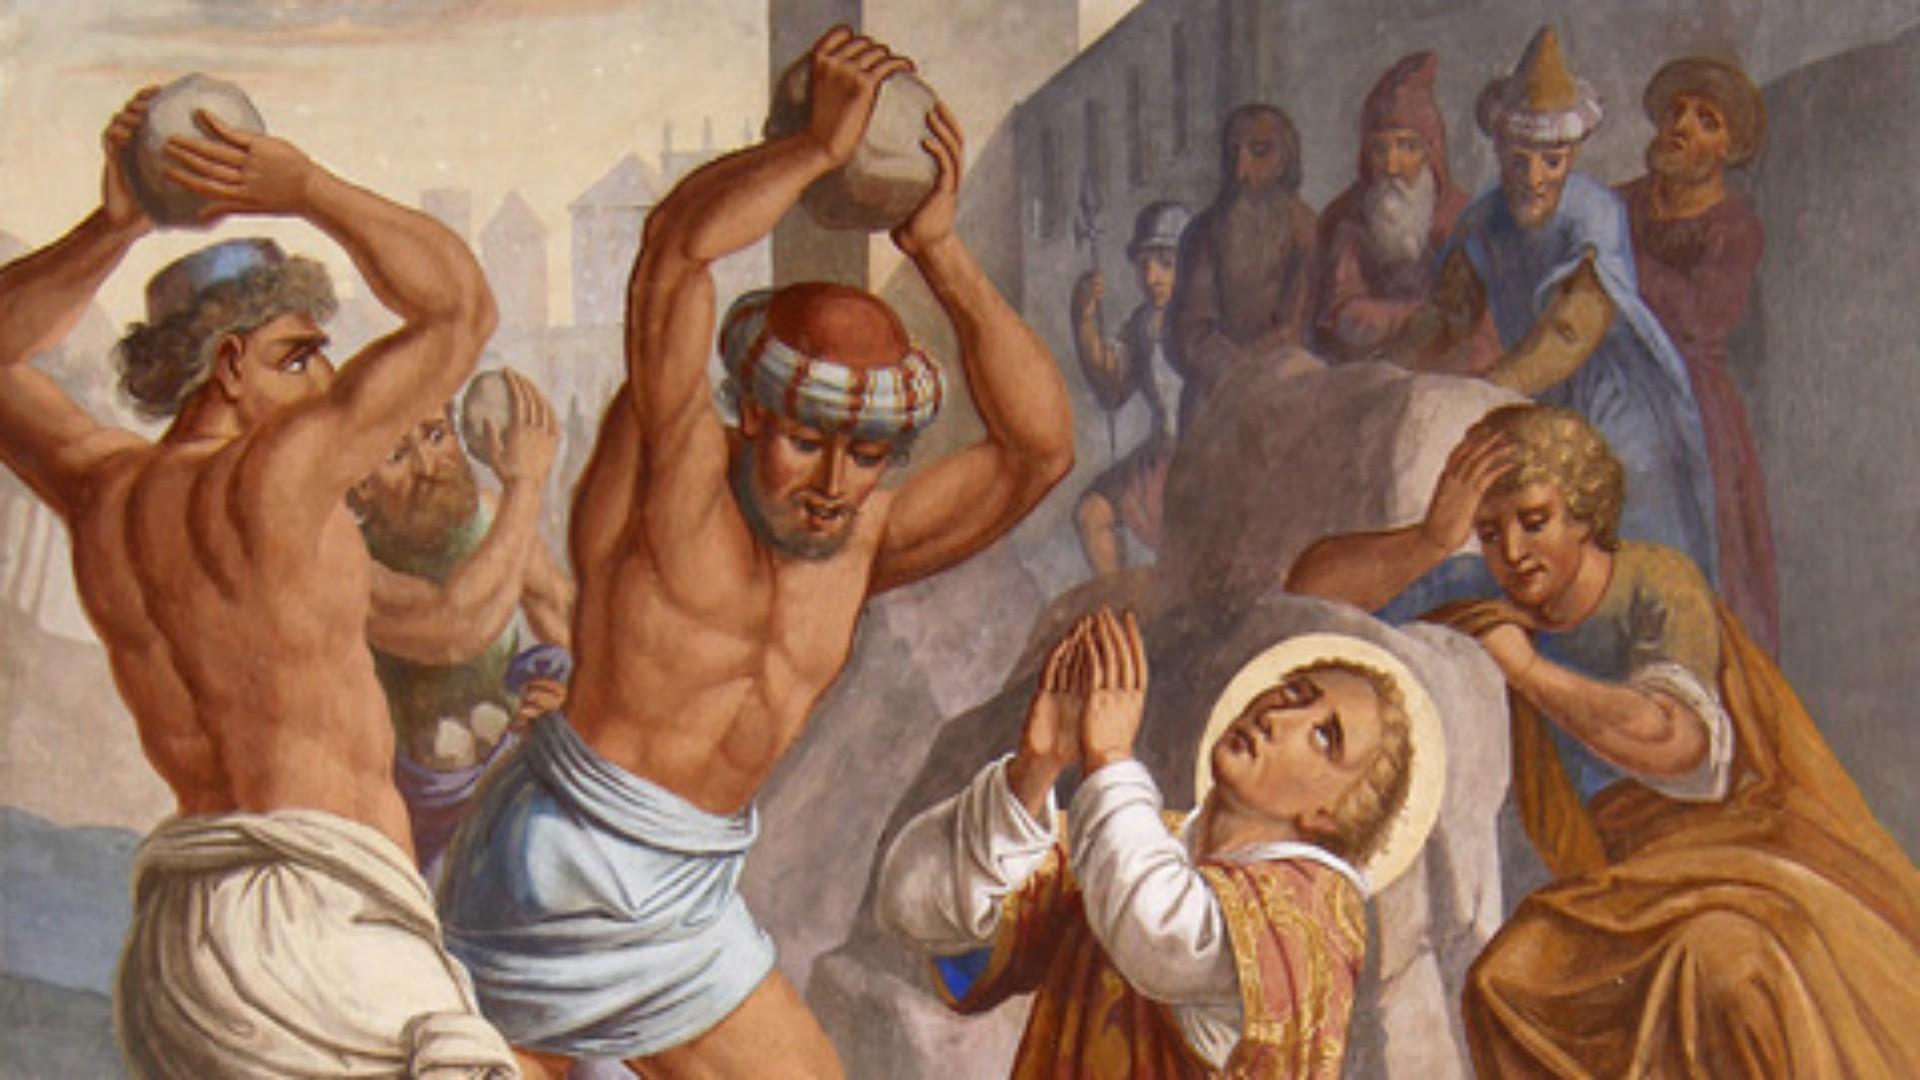 Les martyrs de l'Eglise primitive -  À lire ! Merci mon Dieu de pouvoir encore professer notre foi ♥ Saint-etienne